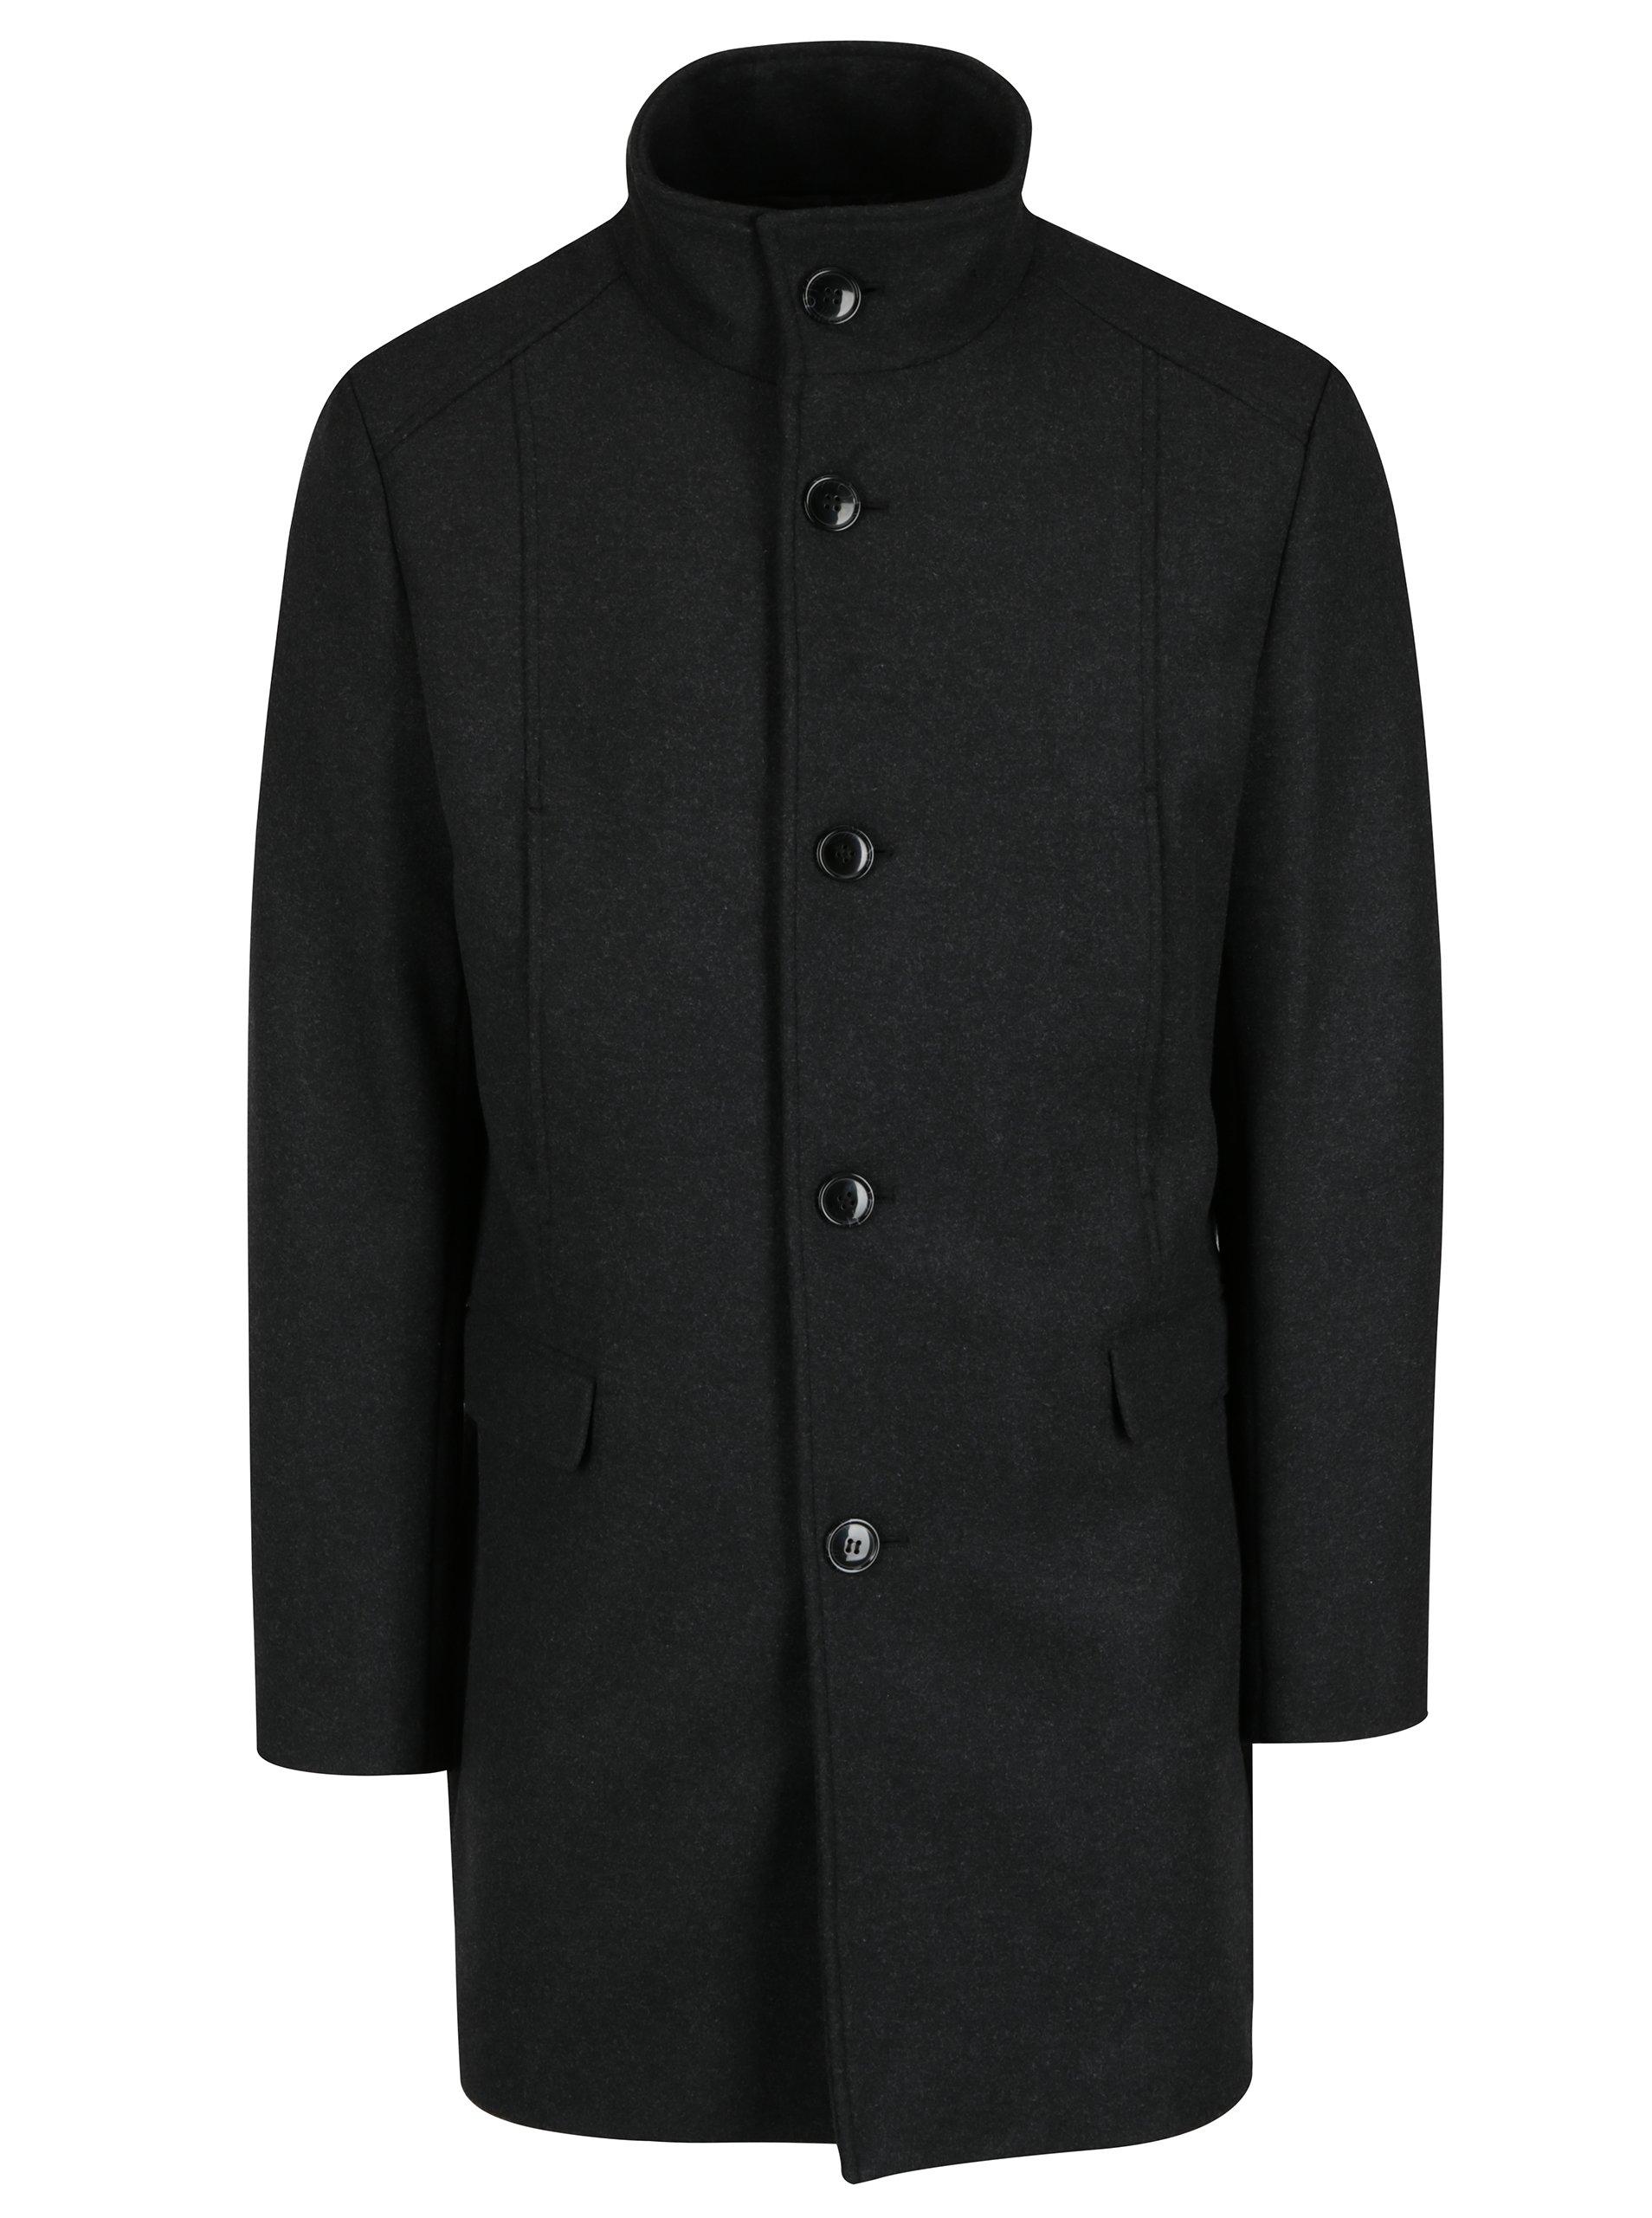 Tmavě šedý kabát s příměsí vlny Selected Homme Mosto